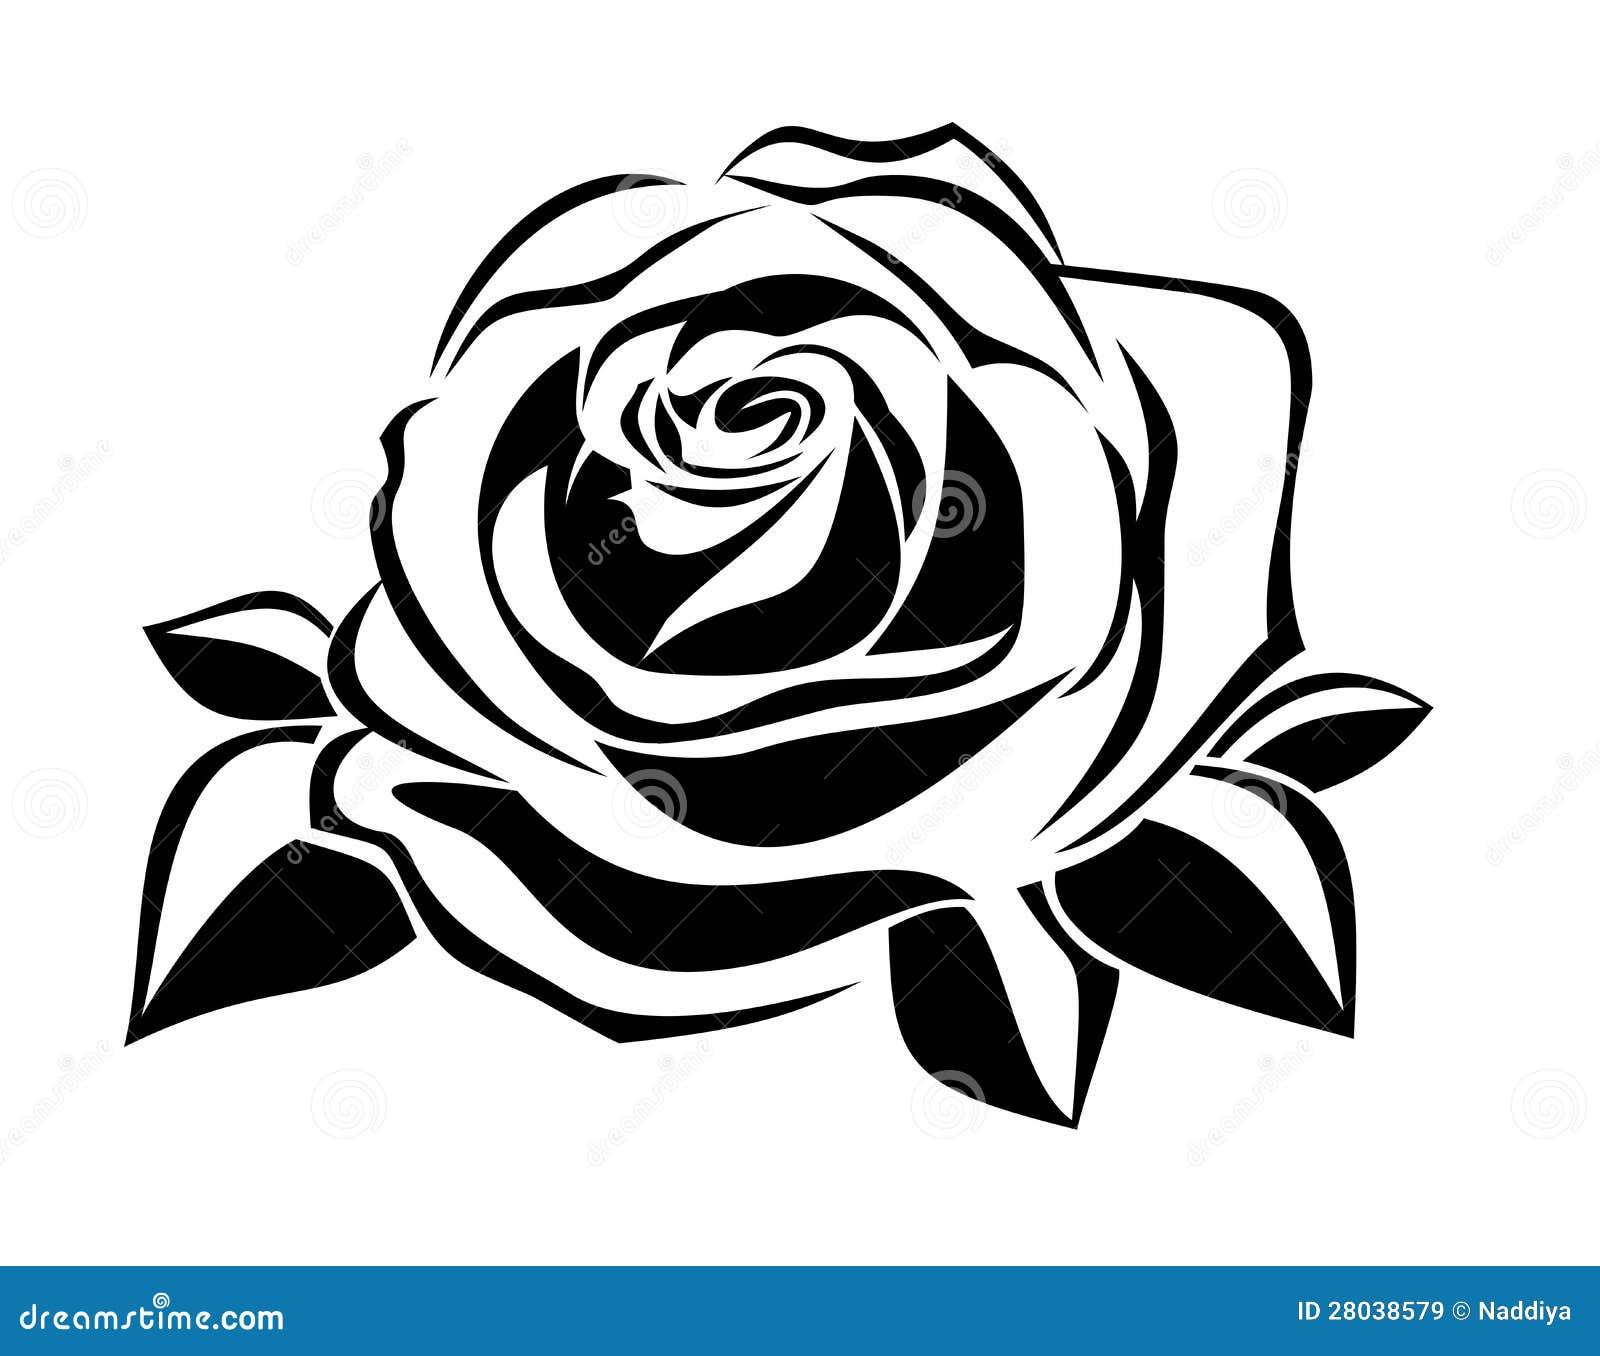 Как сделать цветную розу на черно белой фотке урокшопа